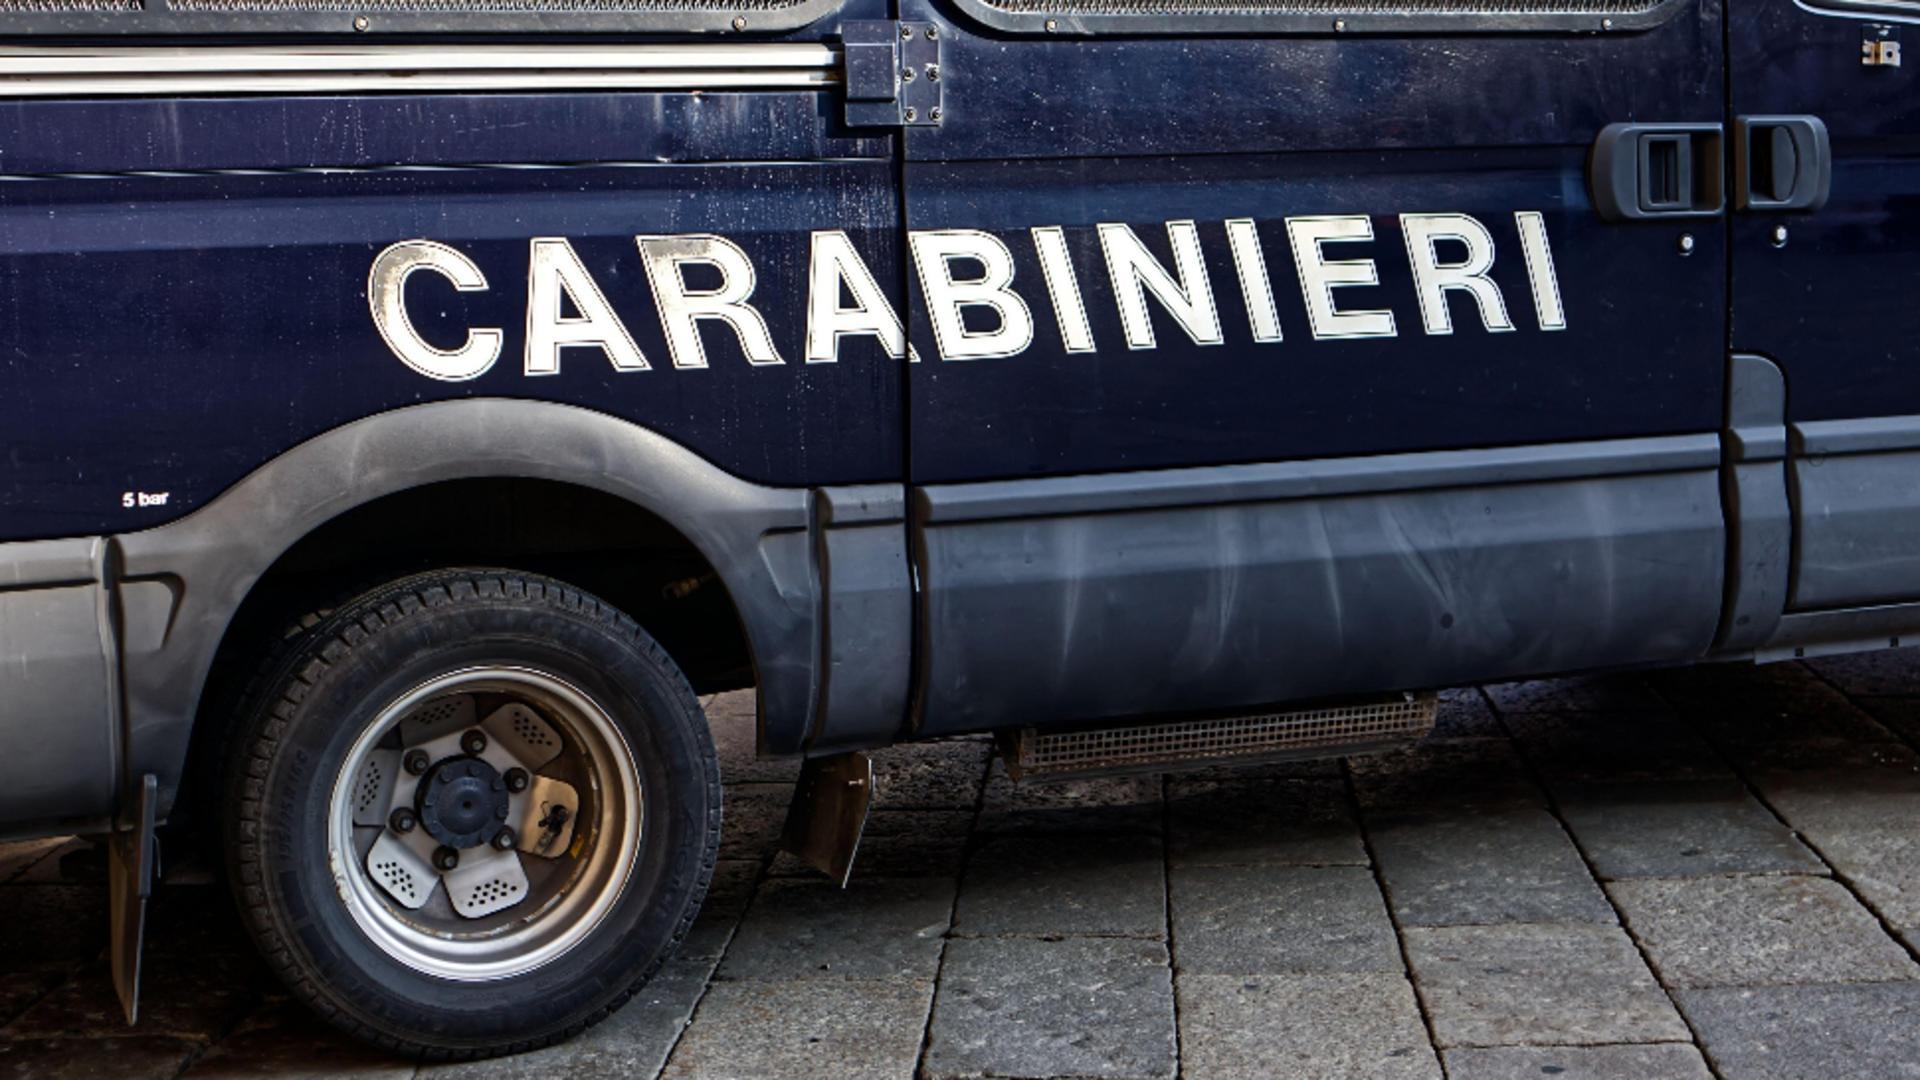 Poliția italiană